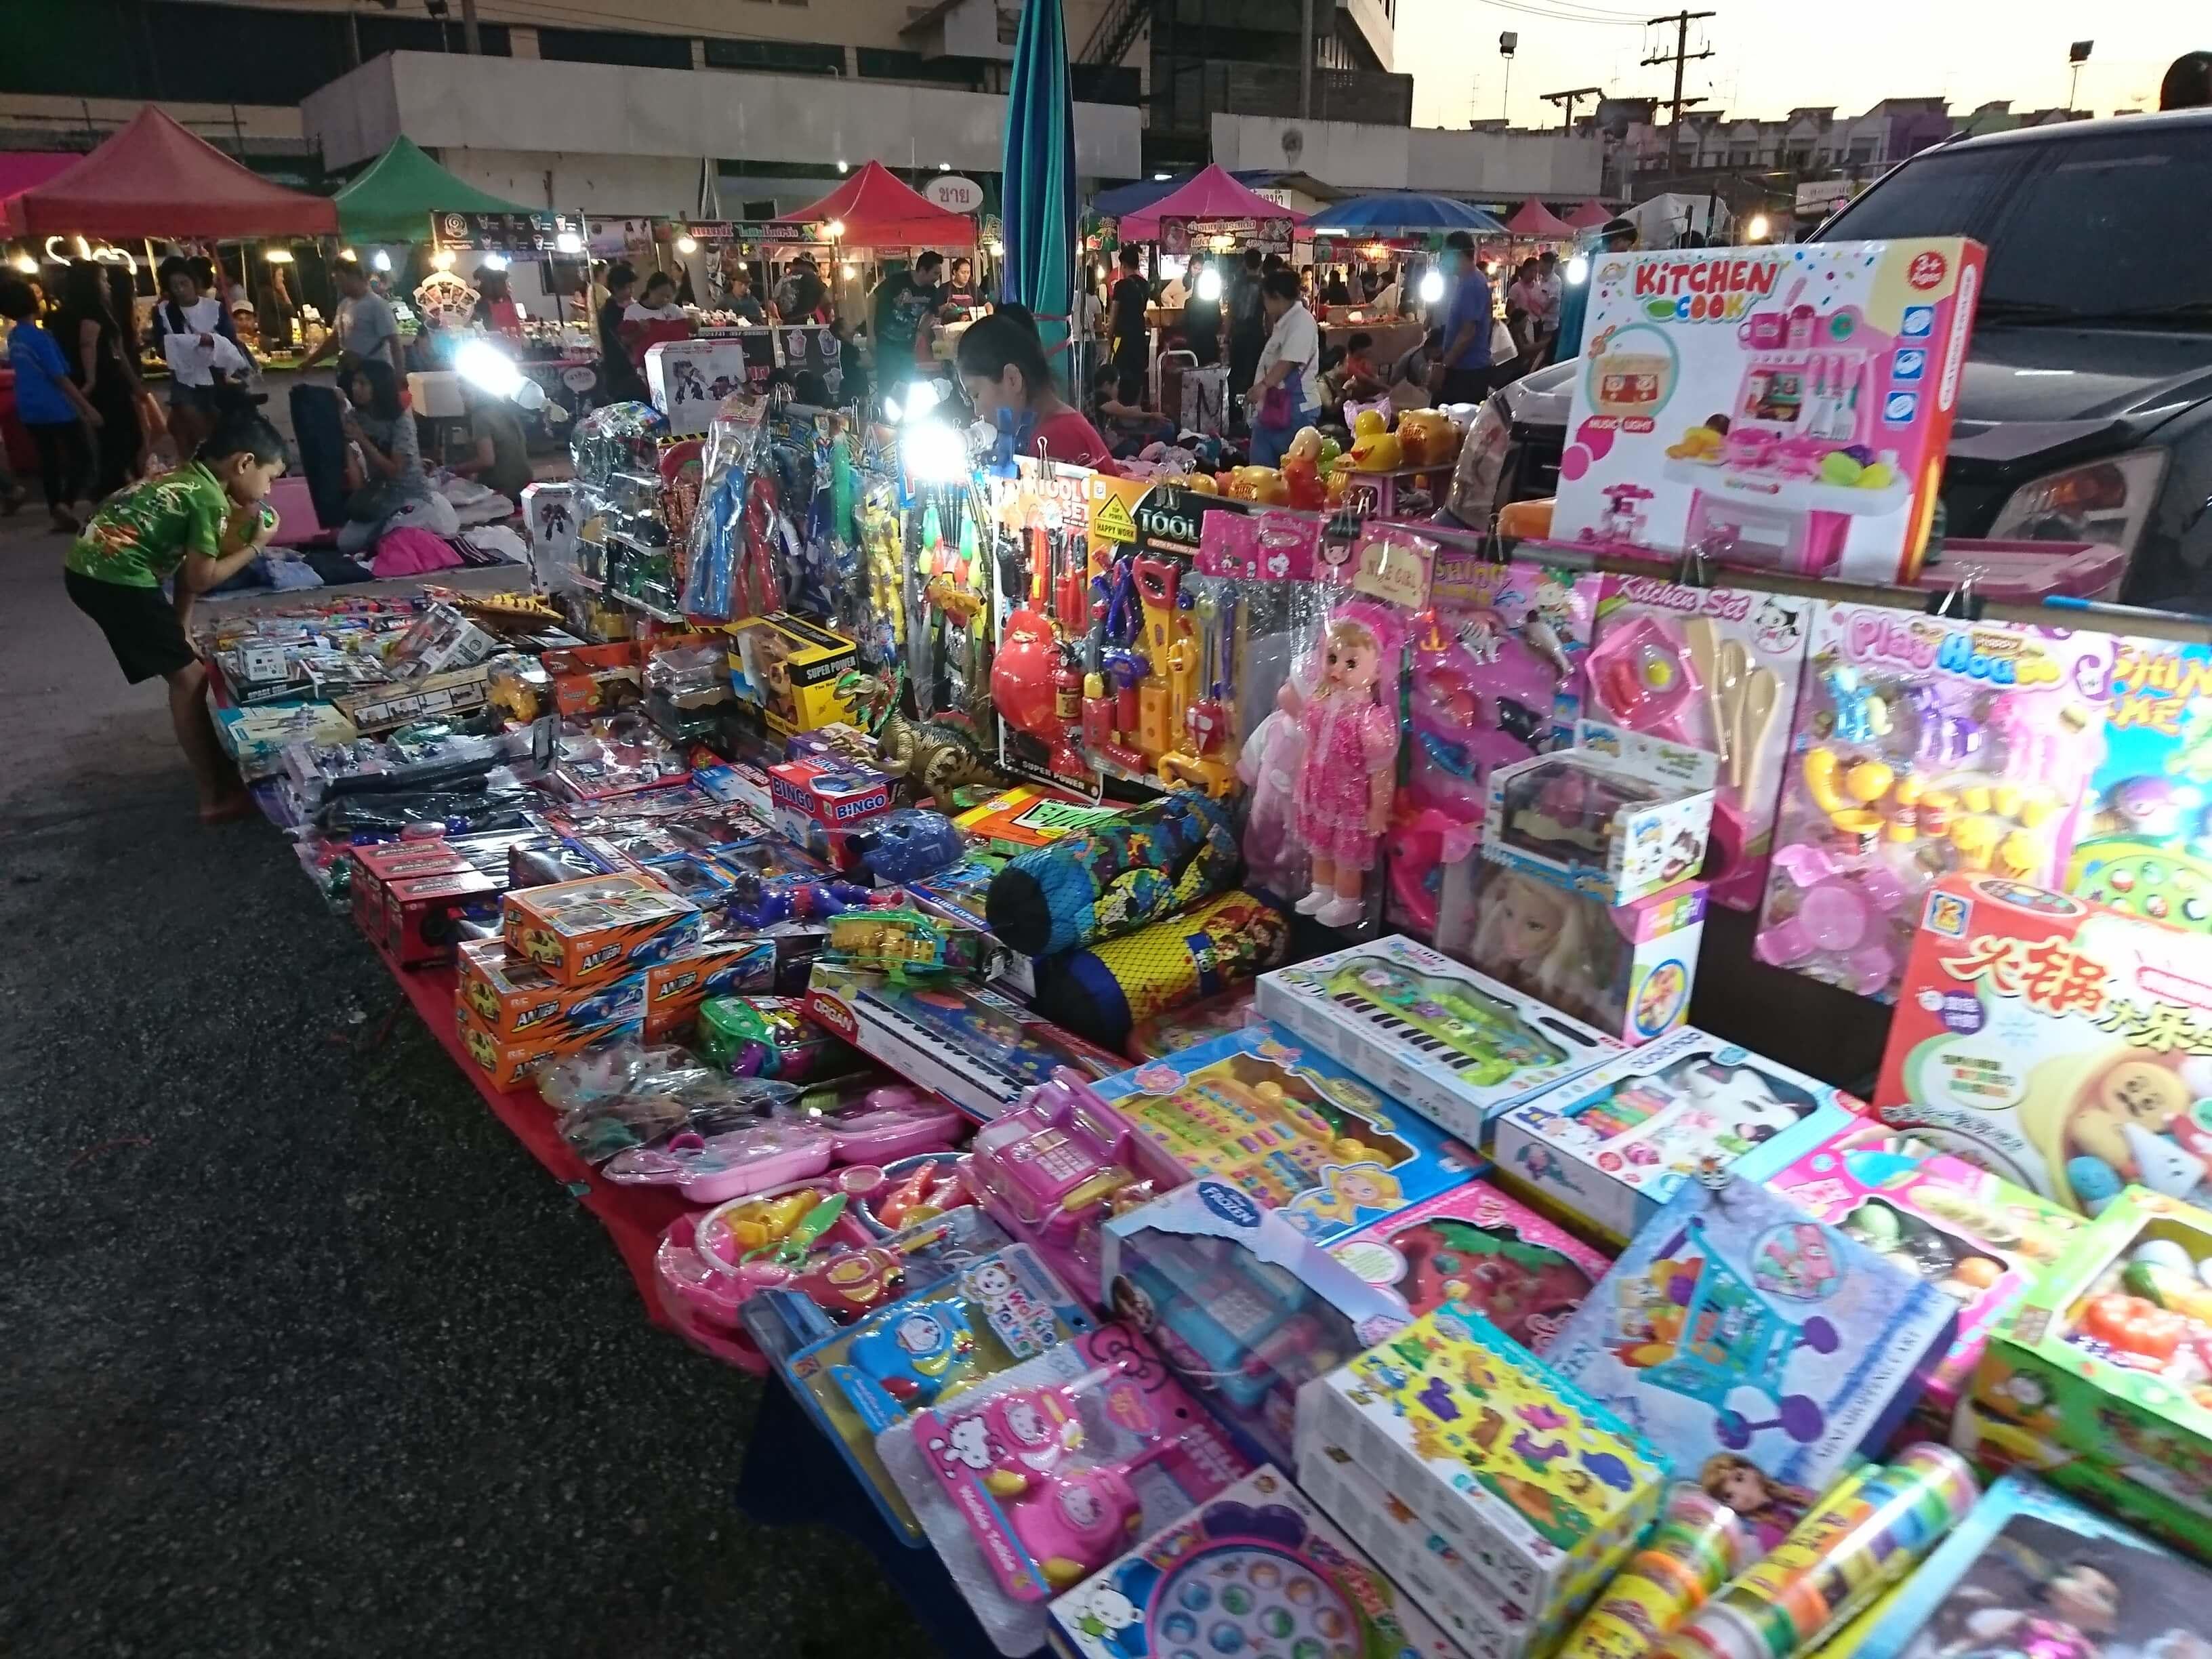 アユタヤ最大級のウィークエンドマーケット!「Klong Thom Market Night Plaza Grande」